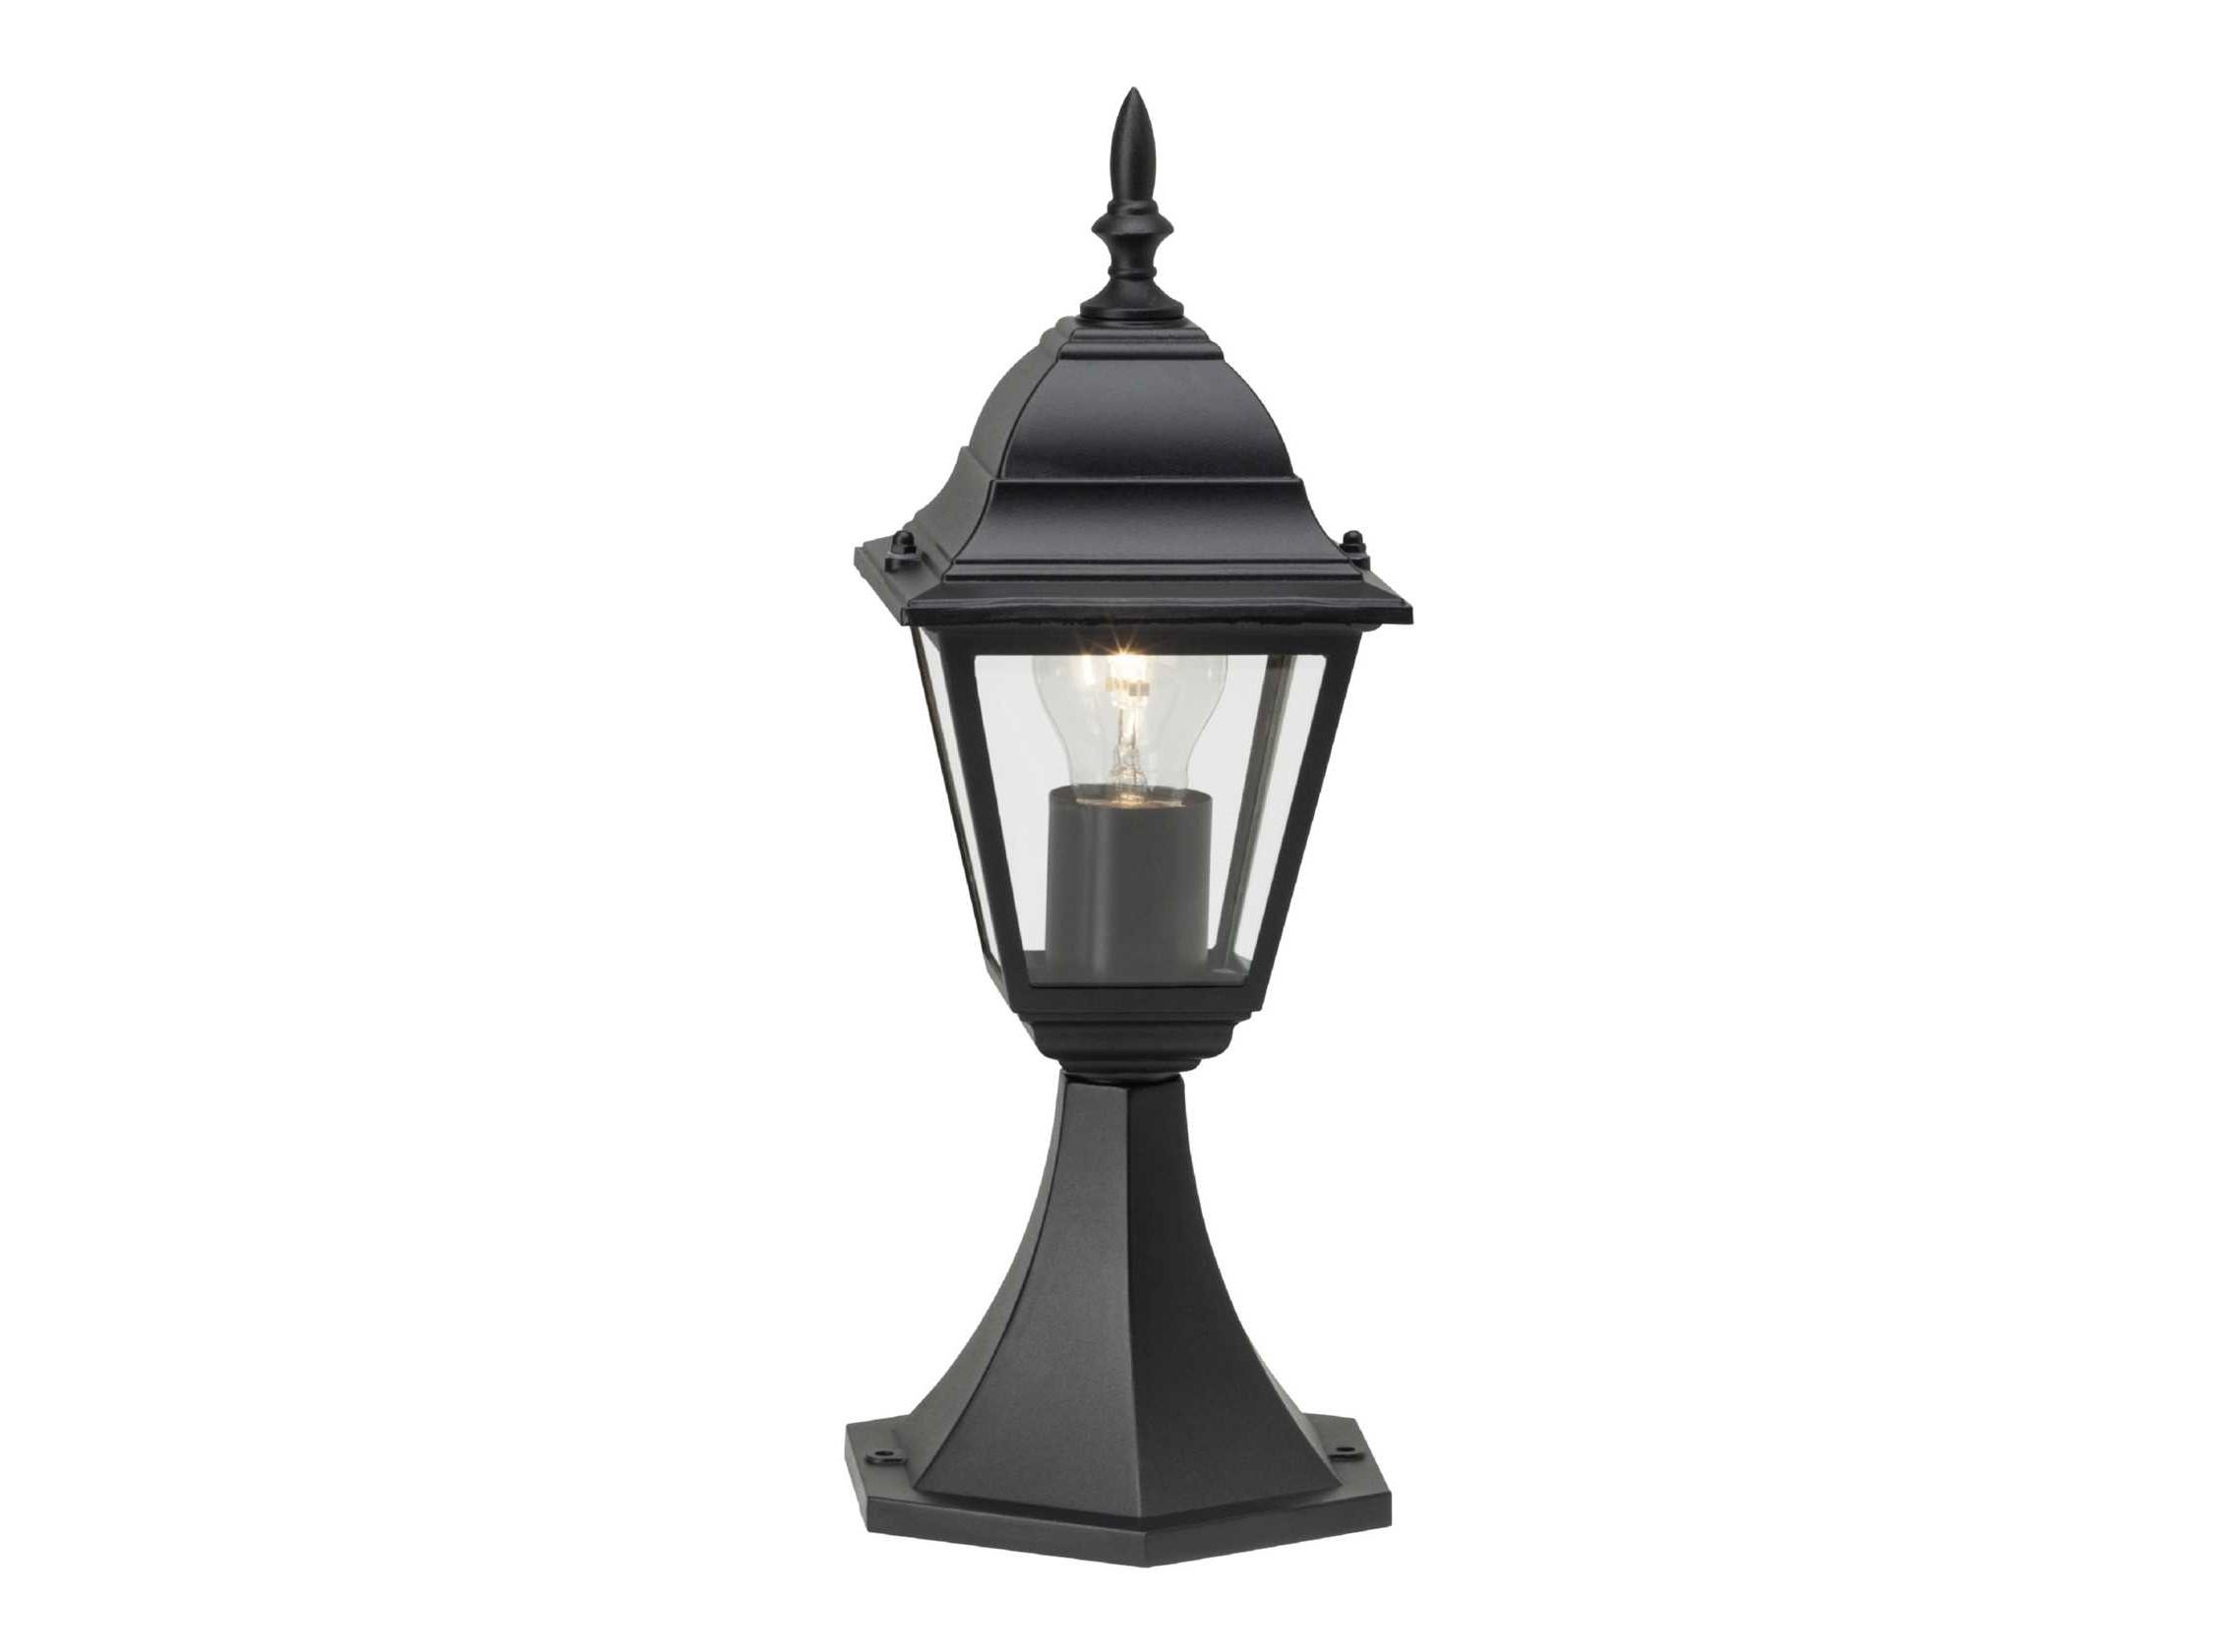 Светильник  NewportУличные наземные светильники<br>&amp;lt;div&amp;gt;Вид цоколя: Е27&amp;lt;/div&amp;gt;&amp;lt;div&amp;gt;Мощность лампы: 60W&amp;lt;/div&amp;gt;&amp;lt;div&amp;gt;Количество ламп: 1&amp;lt;/div&amp;gt;&amp;lt;div&amp;gt;Наличие ламп: нет&amp;lt;/div&amp;gt;<br><br>Material: Стекло<br>Height см: 41<br>Diameter см: 13